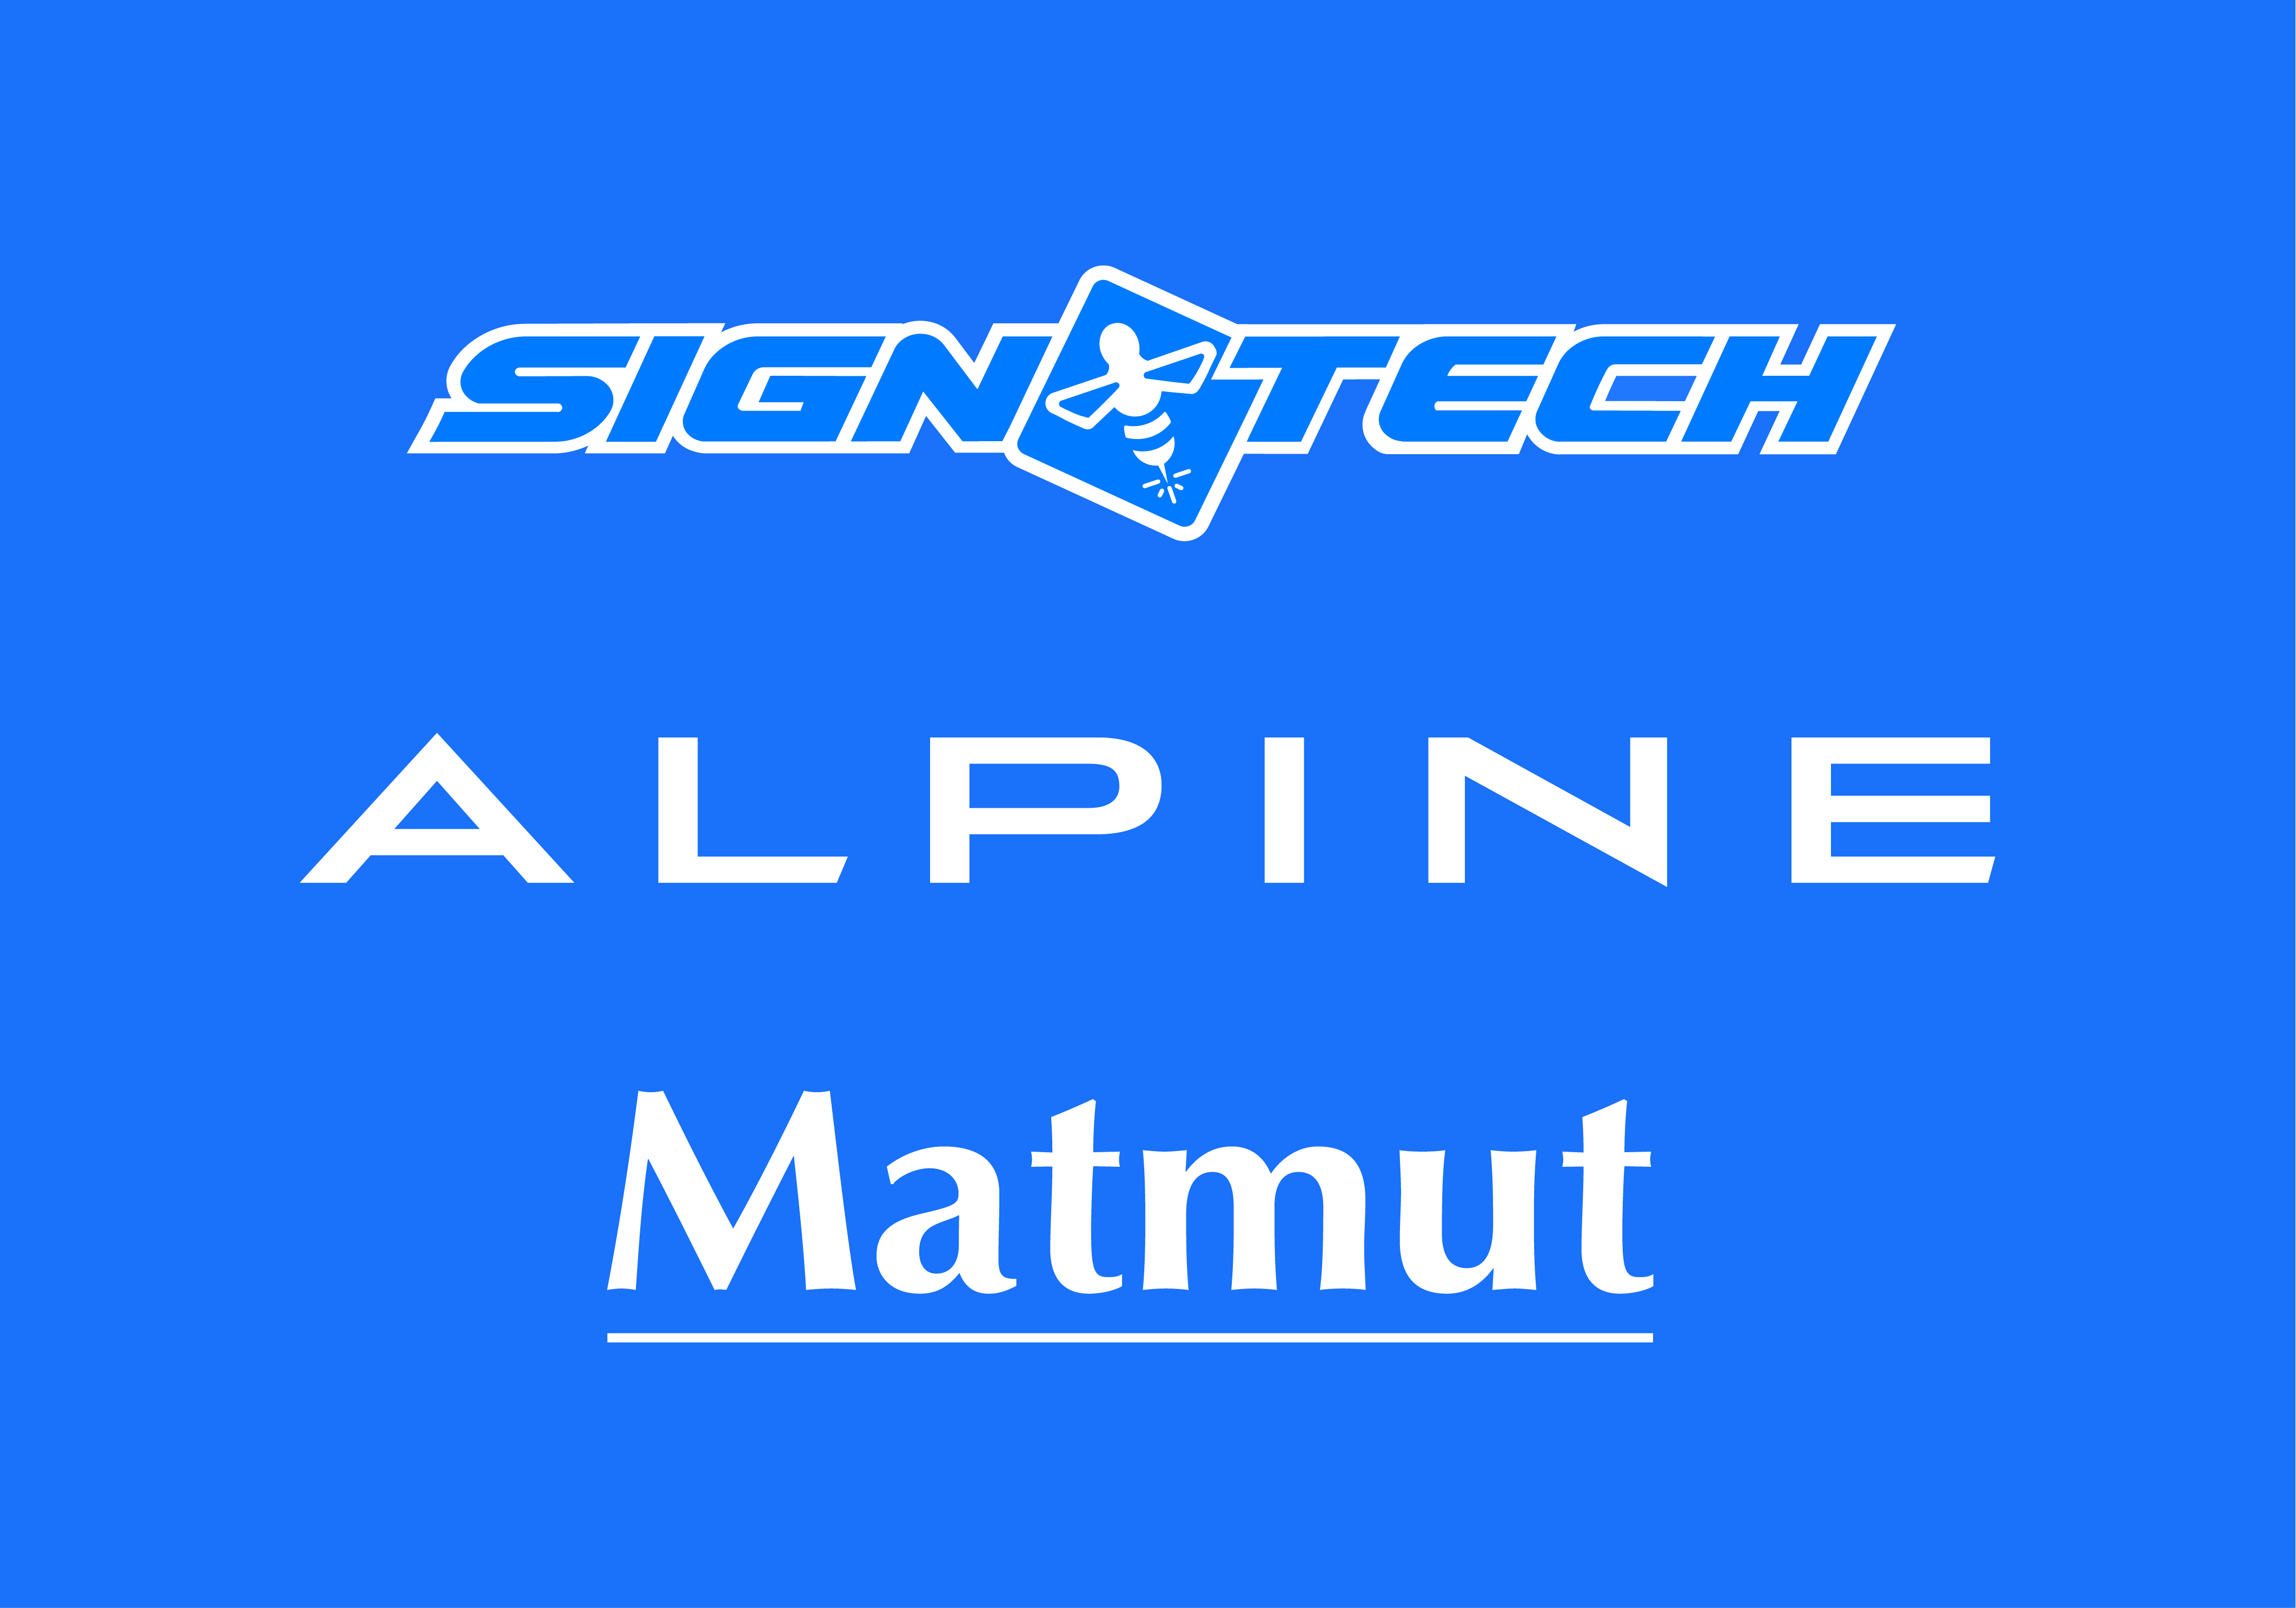 SIGNATECH ALPINE MATMUT